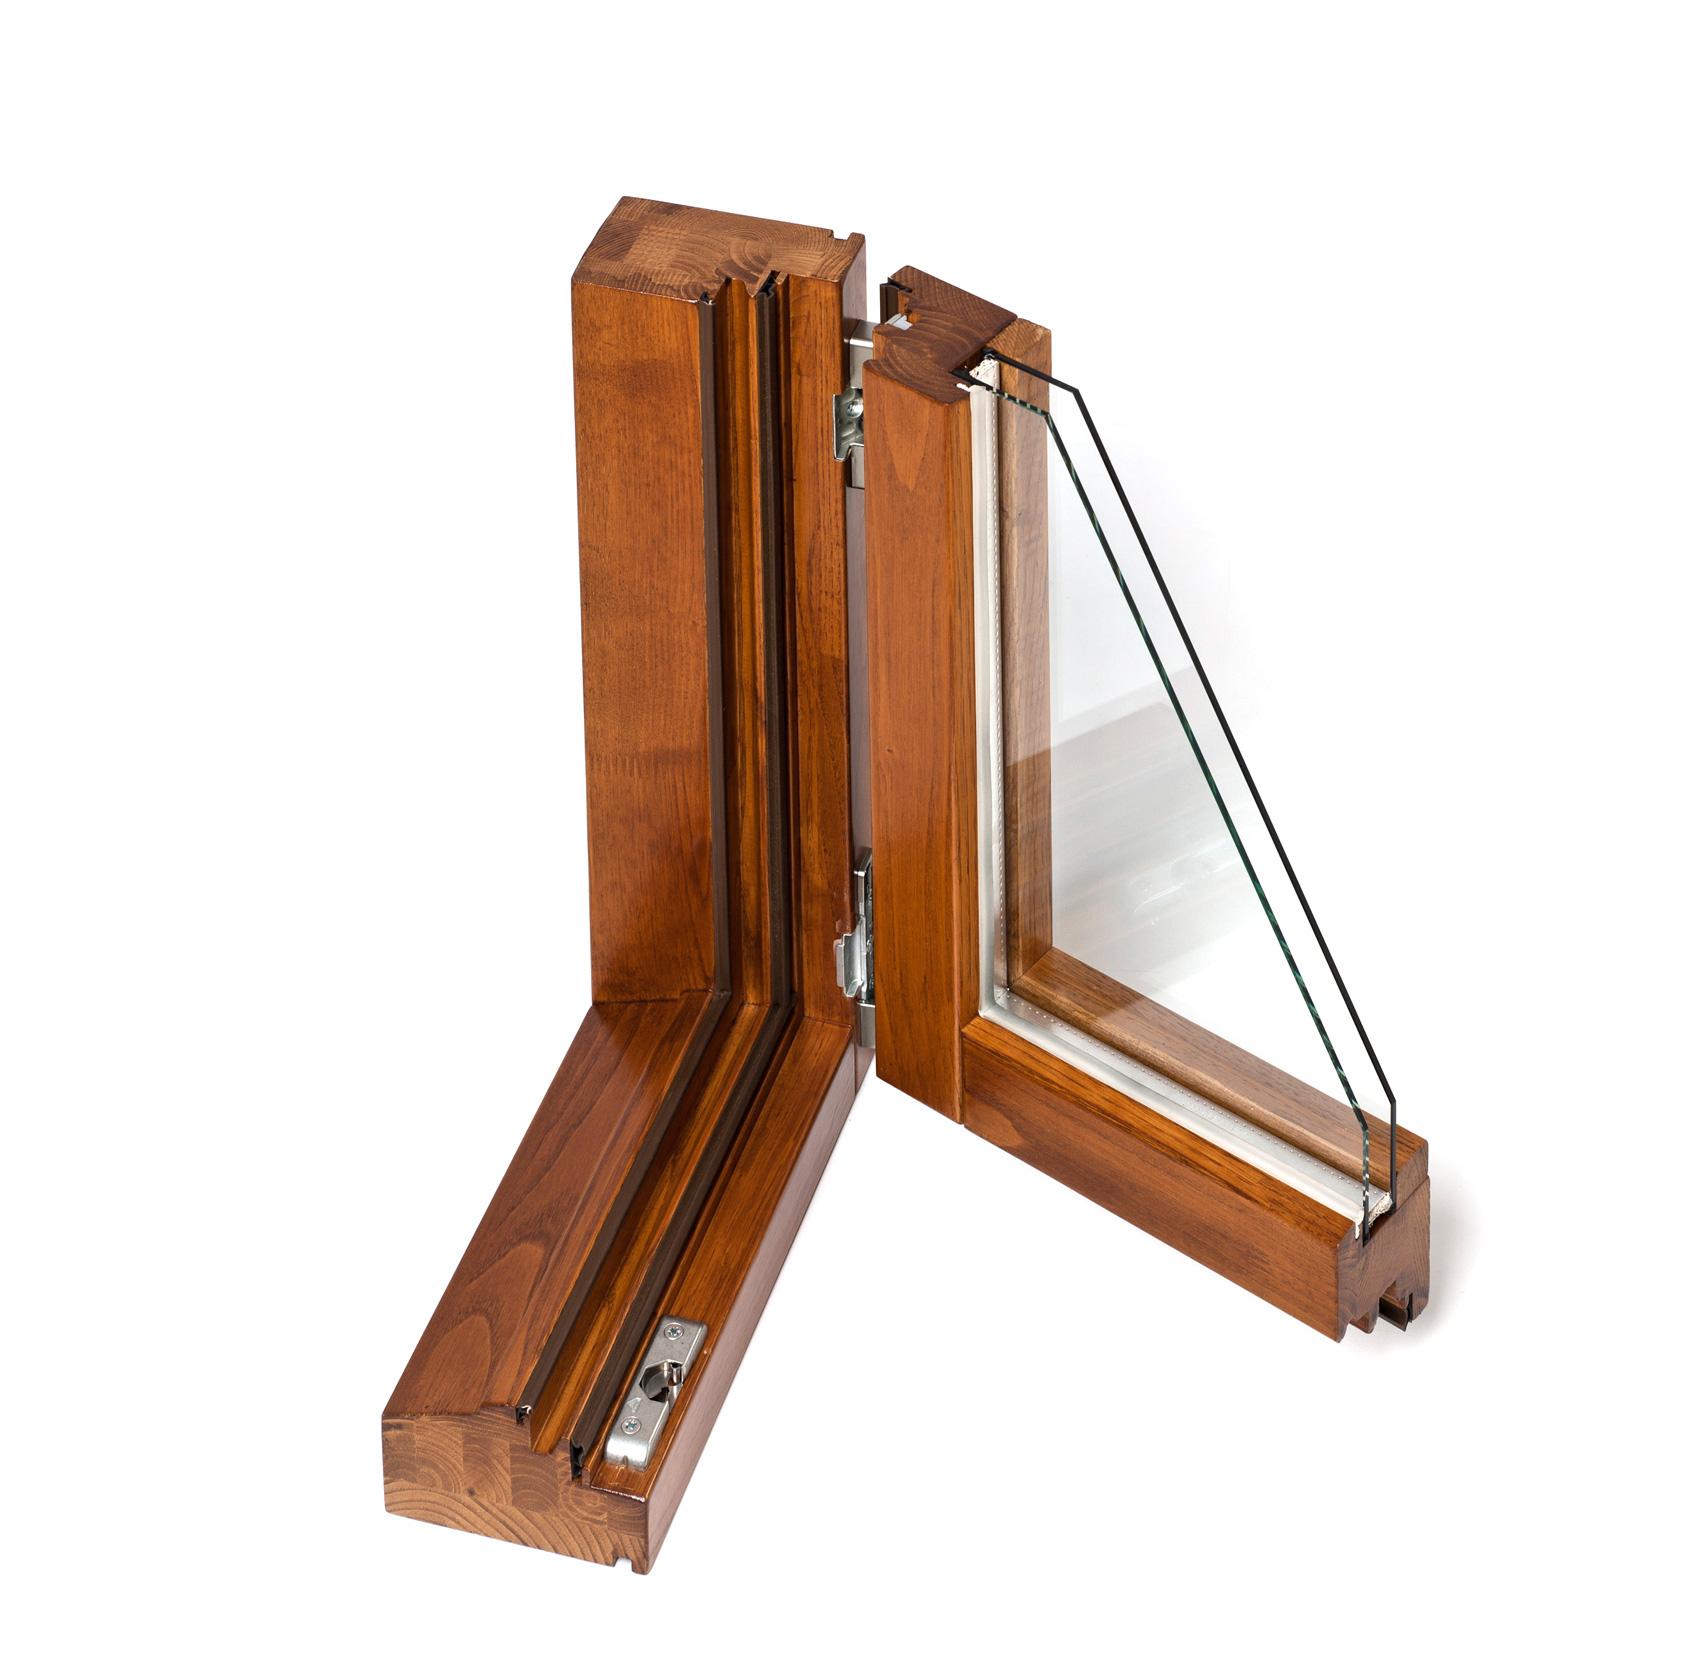 Ventanas ventanas de madera ventanas oscilobatientes for Ventanas de madera rusticas precio